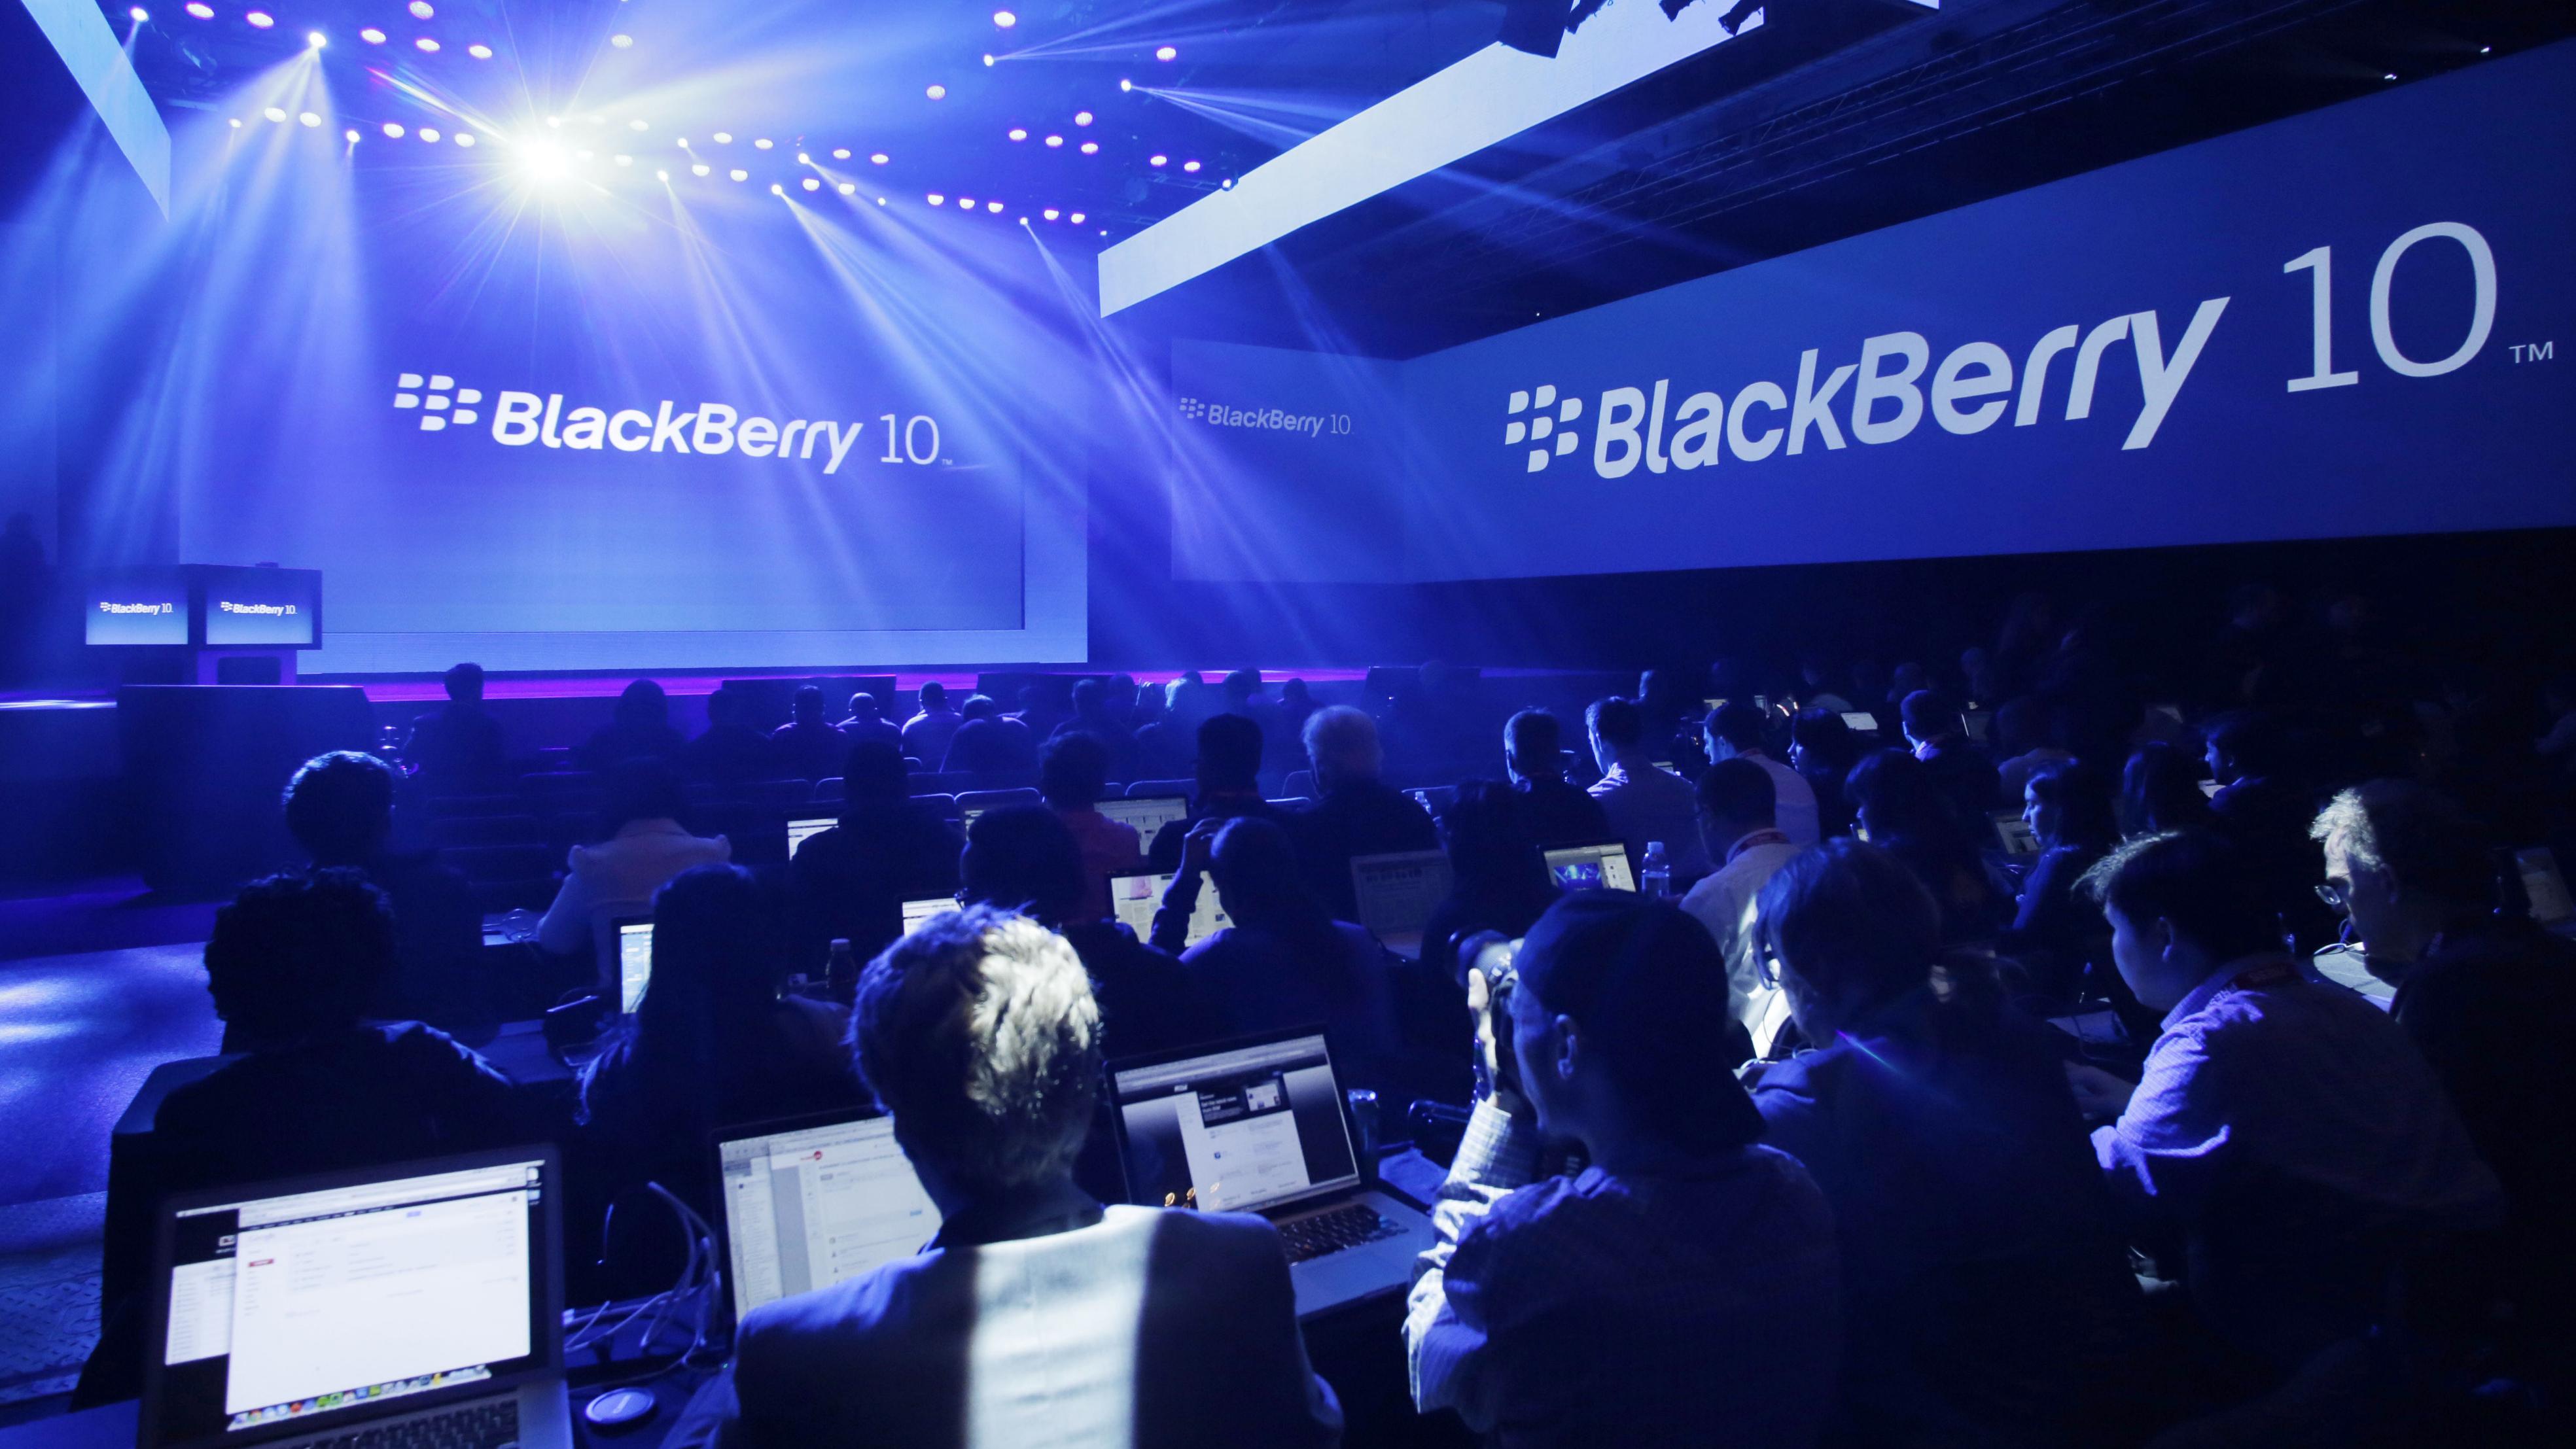 BlackBerry event